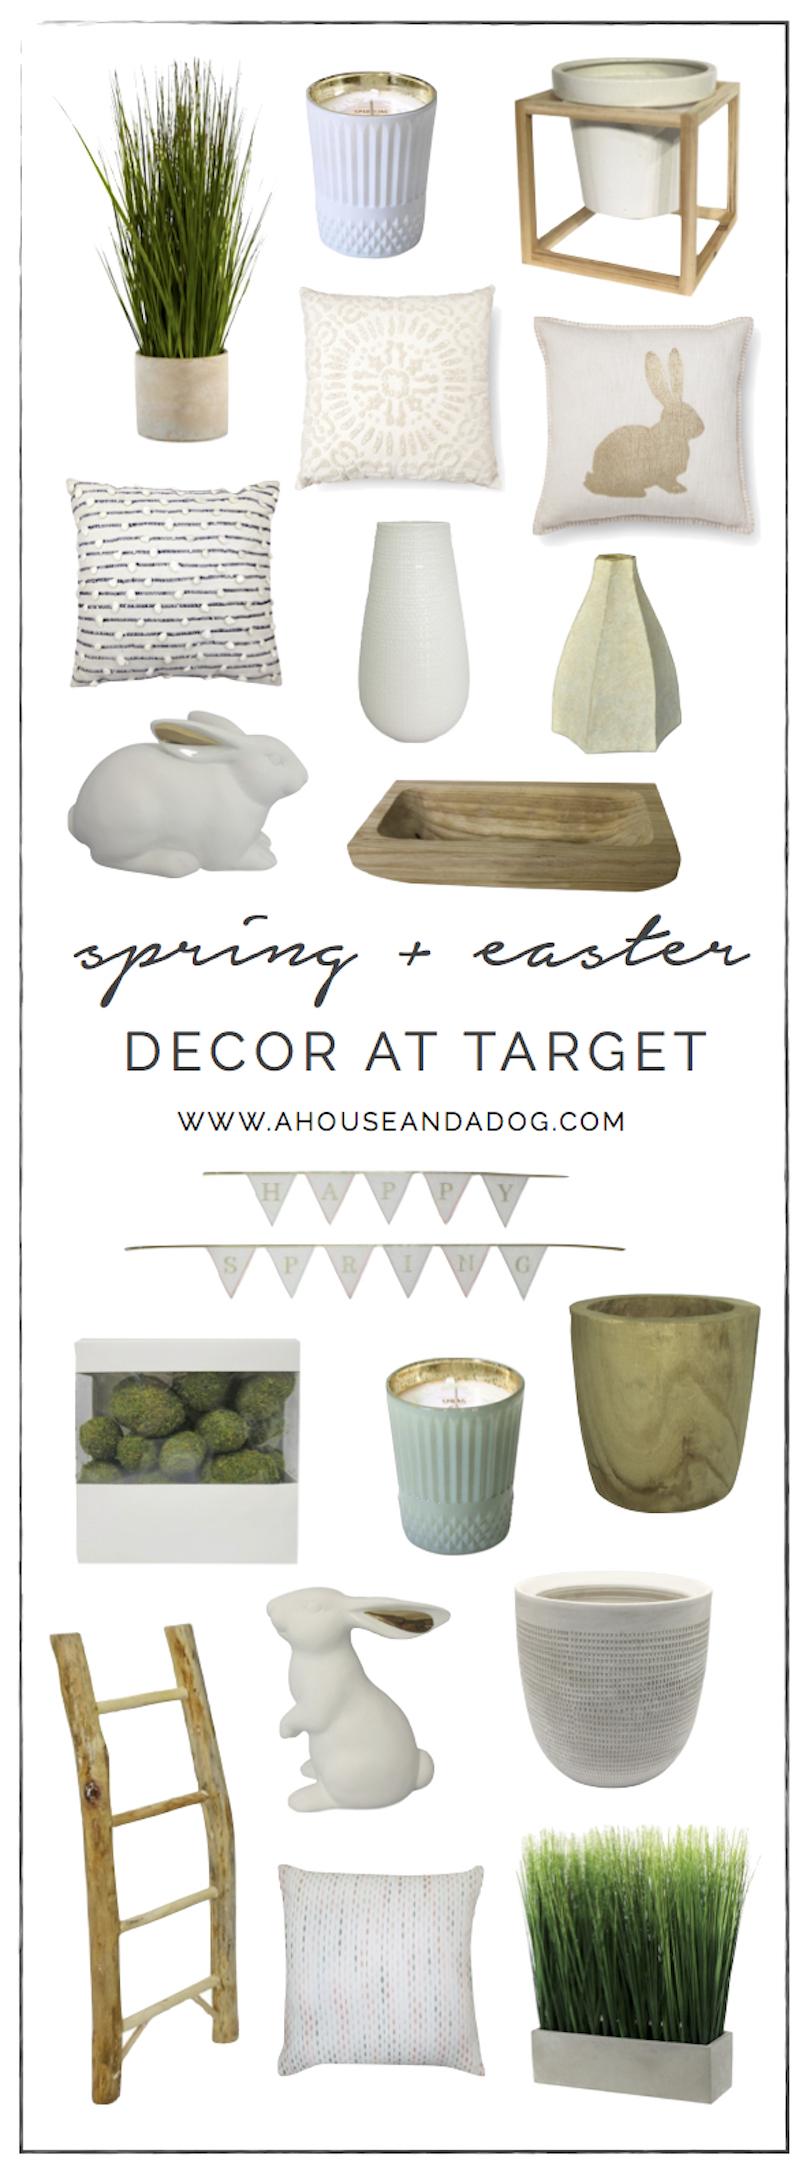 Spring + Easter Decor at Target | ahouseandadog.com